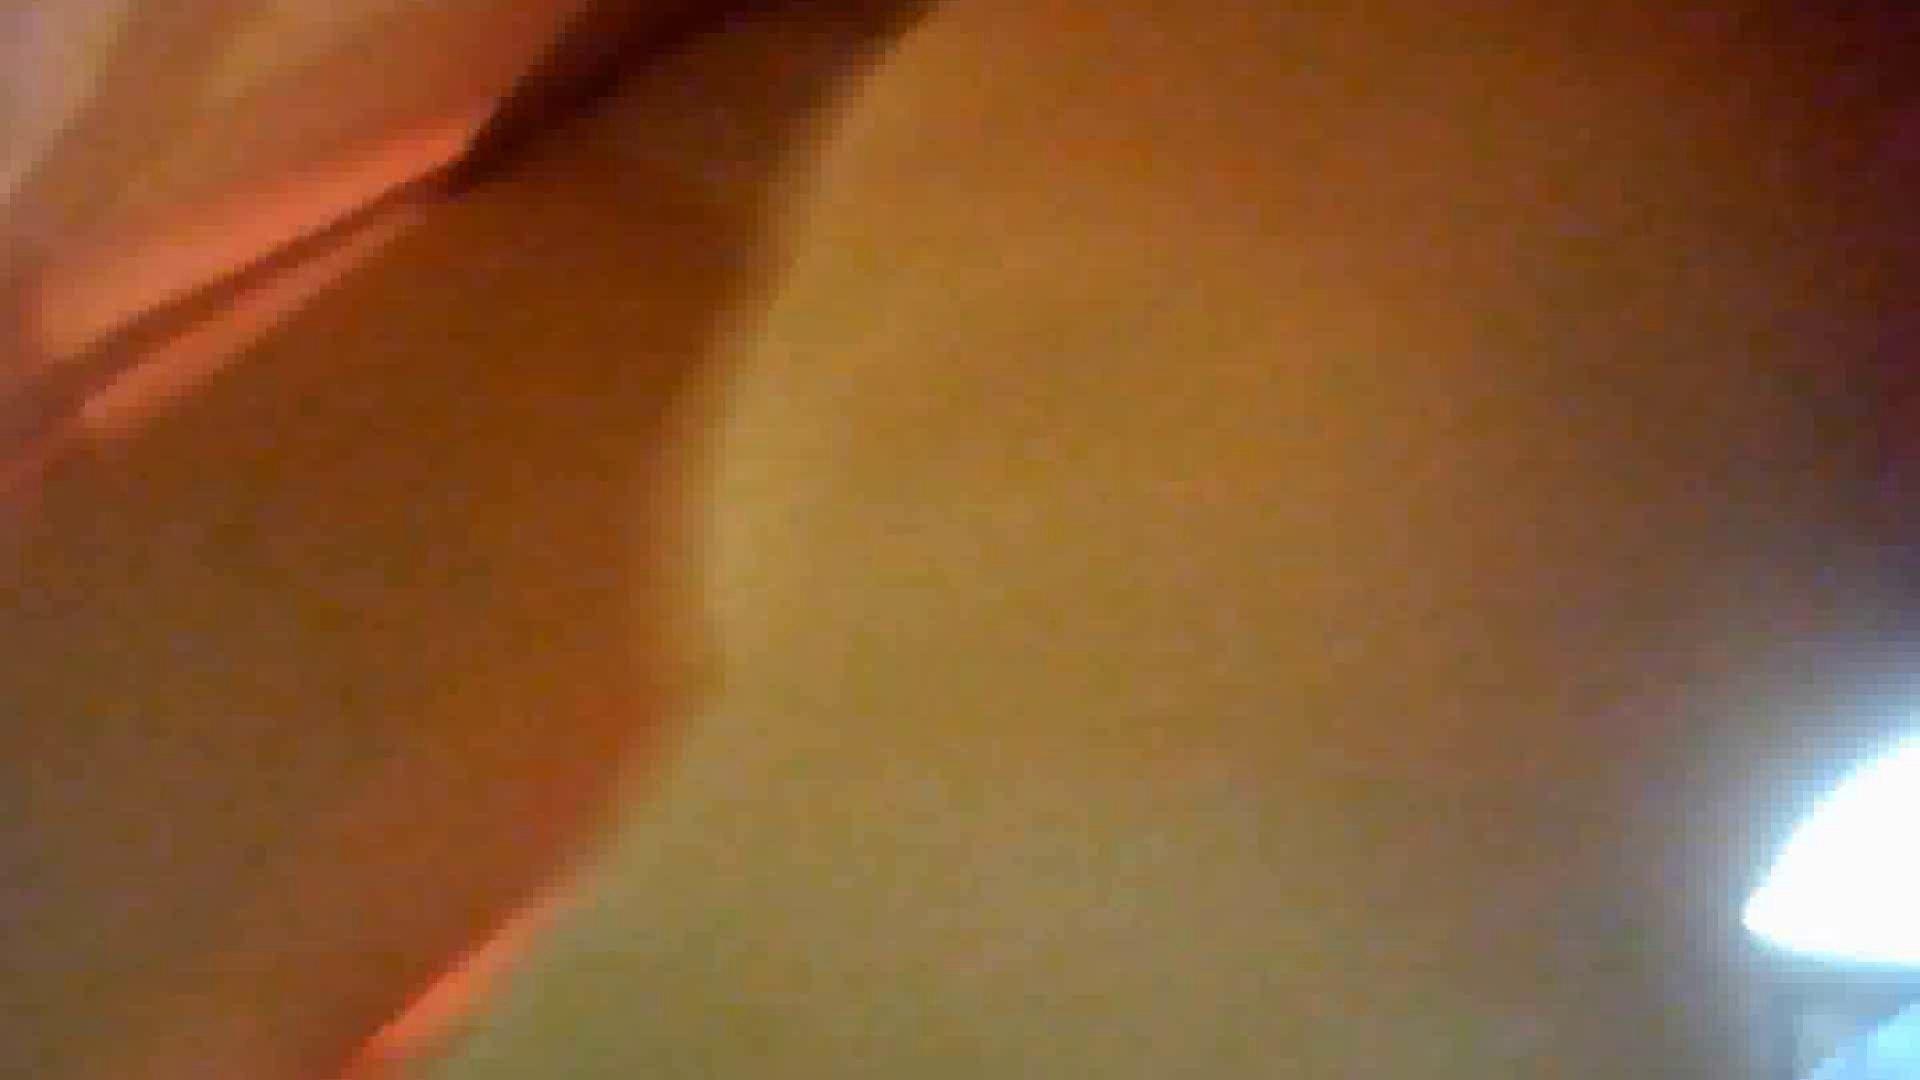 真剣に買い物中のgal達を上から下から狙います。vol.11 JKのエロ生活  81連発 12